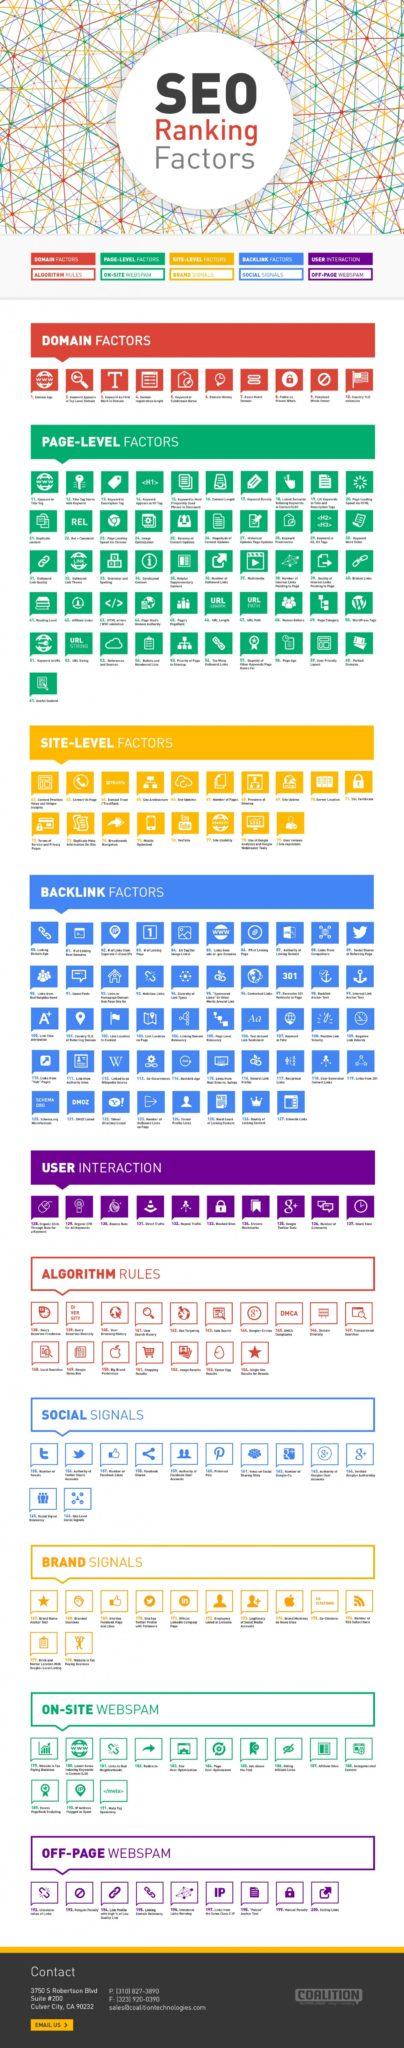 200 seo ranking factors infographic